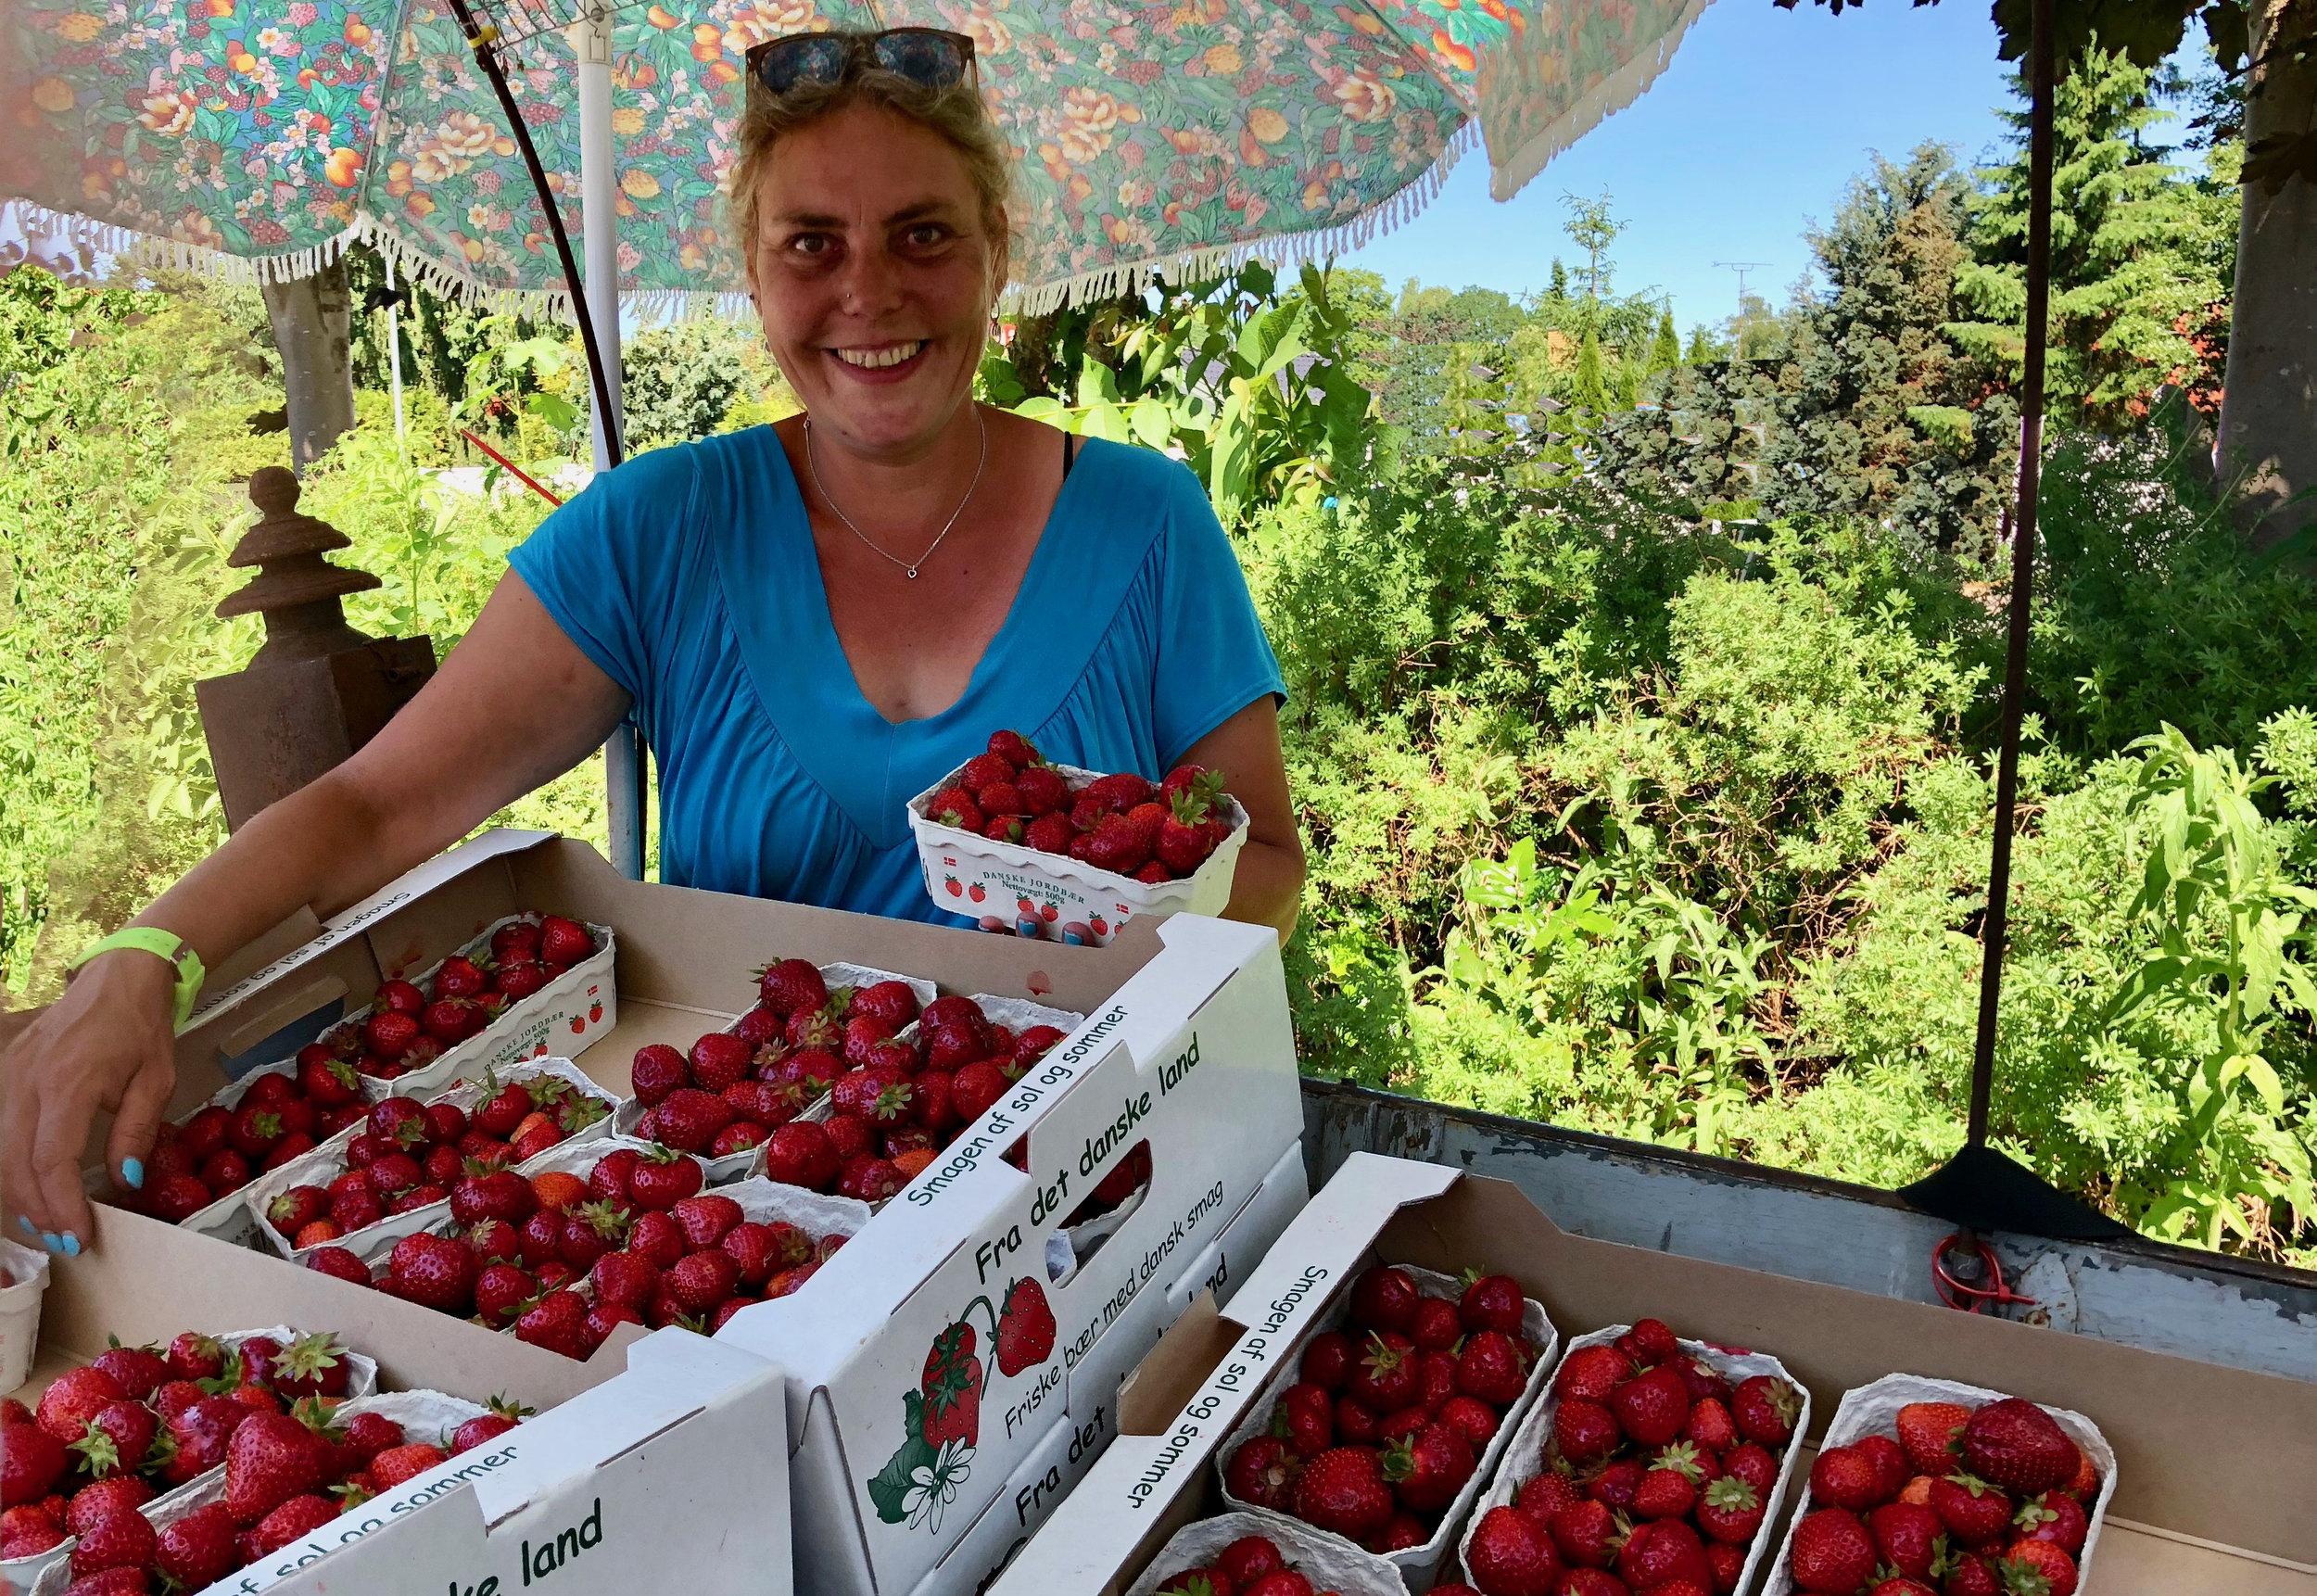 Snart er Sussi Øder igen på pletten med friske, søde jordbær ved Kongevejen her i Blovstrød. Det er ved Kongevejen 59 - ved fritidshus-udstillingen. Arkivfoto: AOB